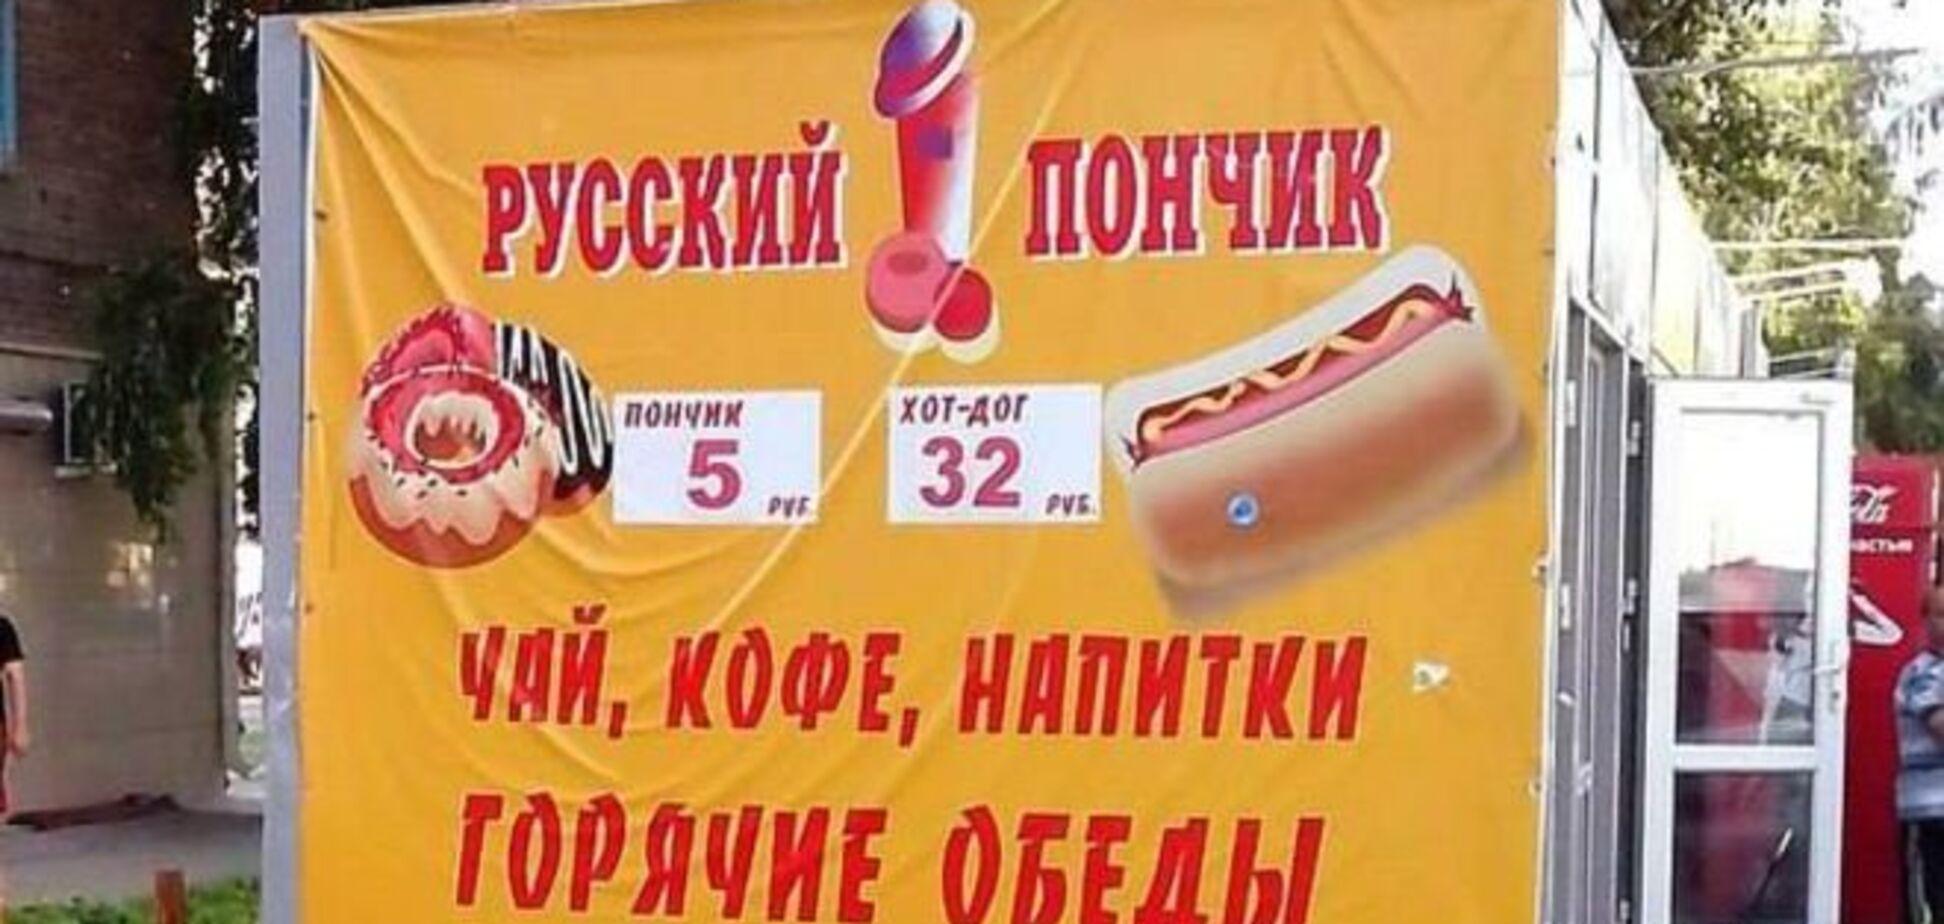 По Фрейду. Реклама 'Русского пончика' поставила покупателей в тупик: фотофакт